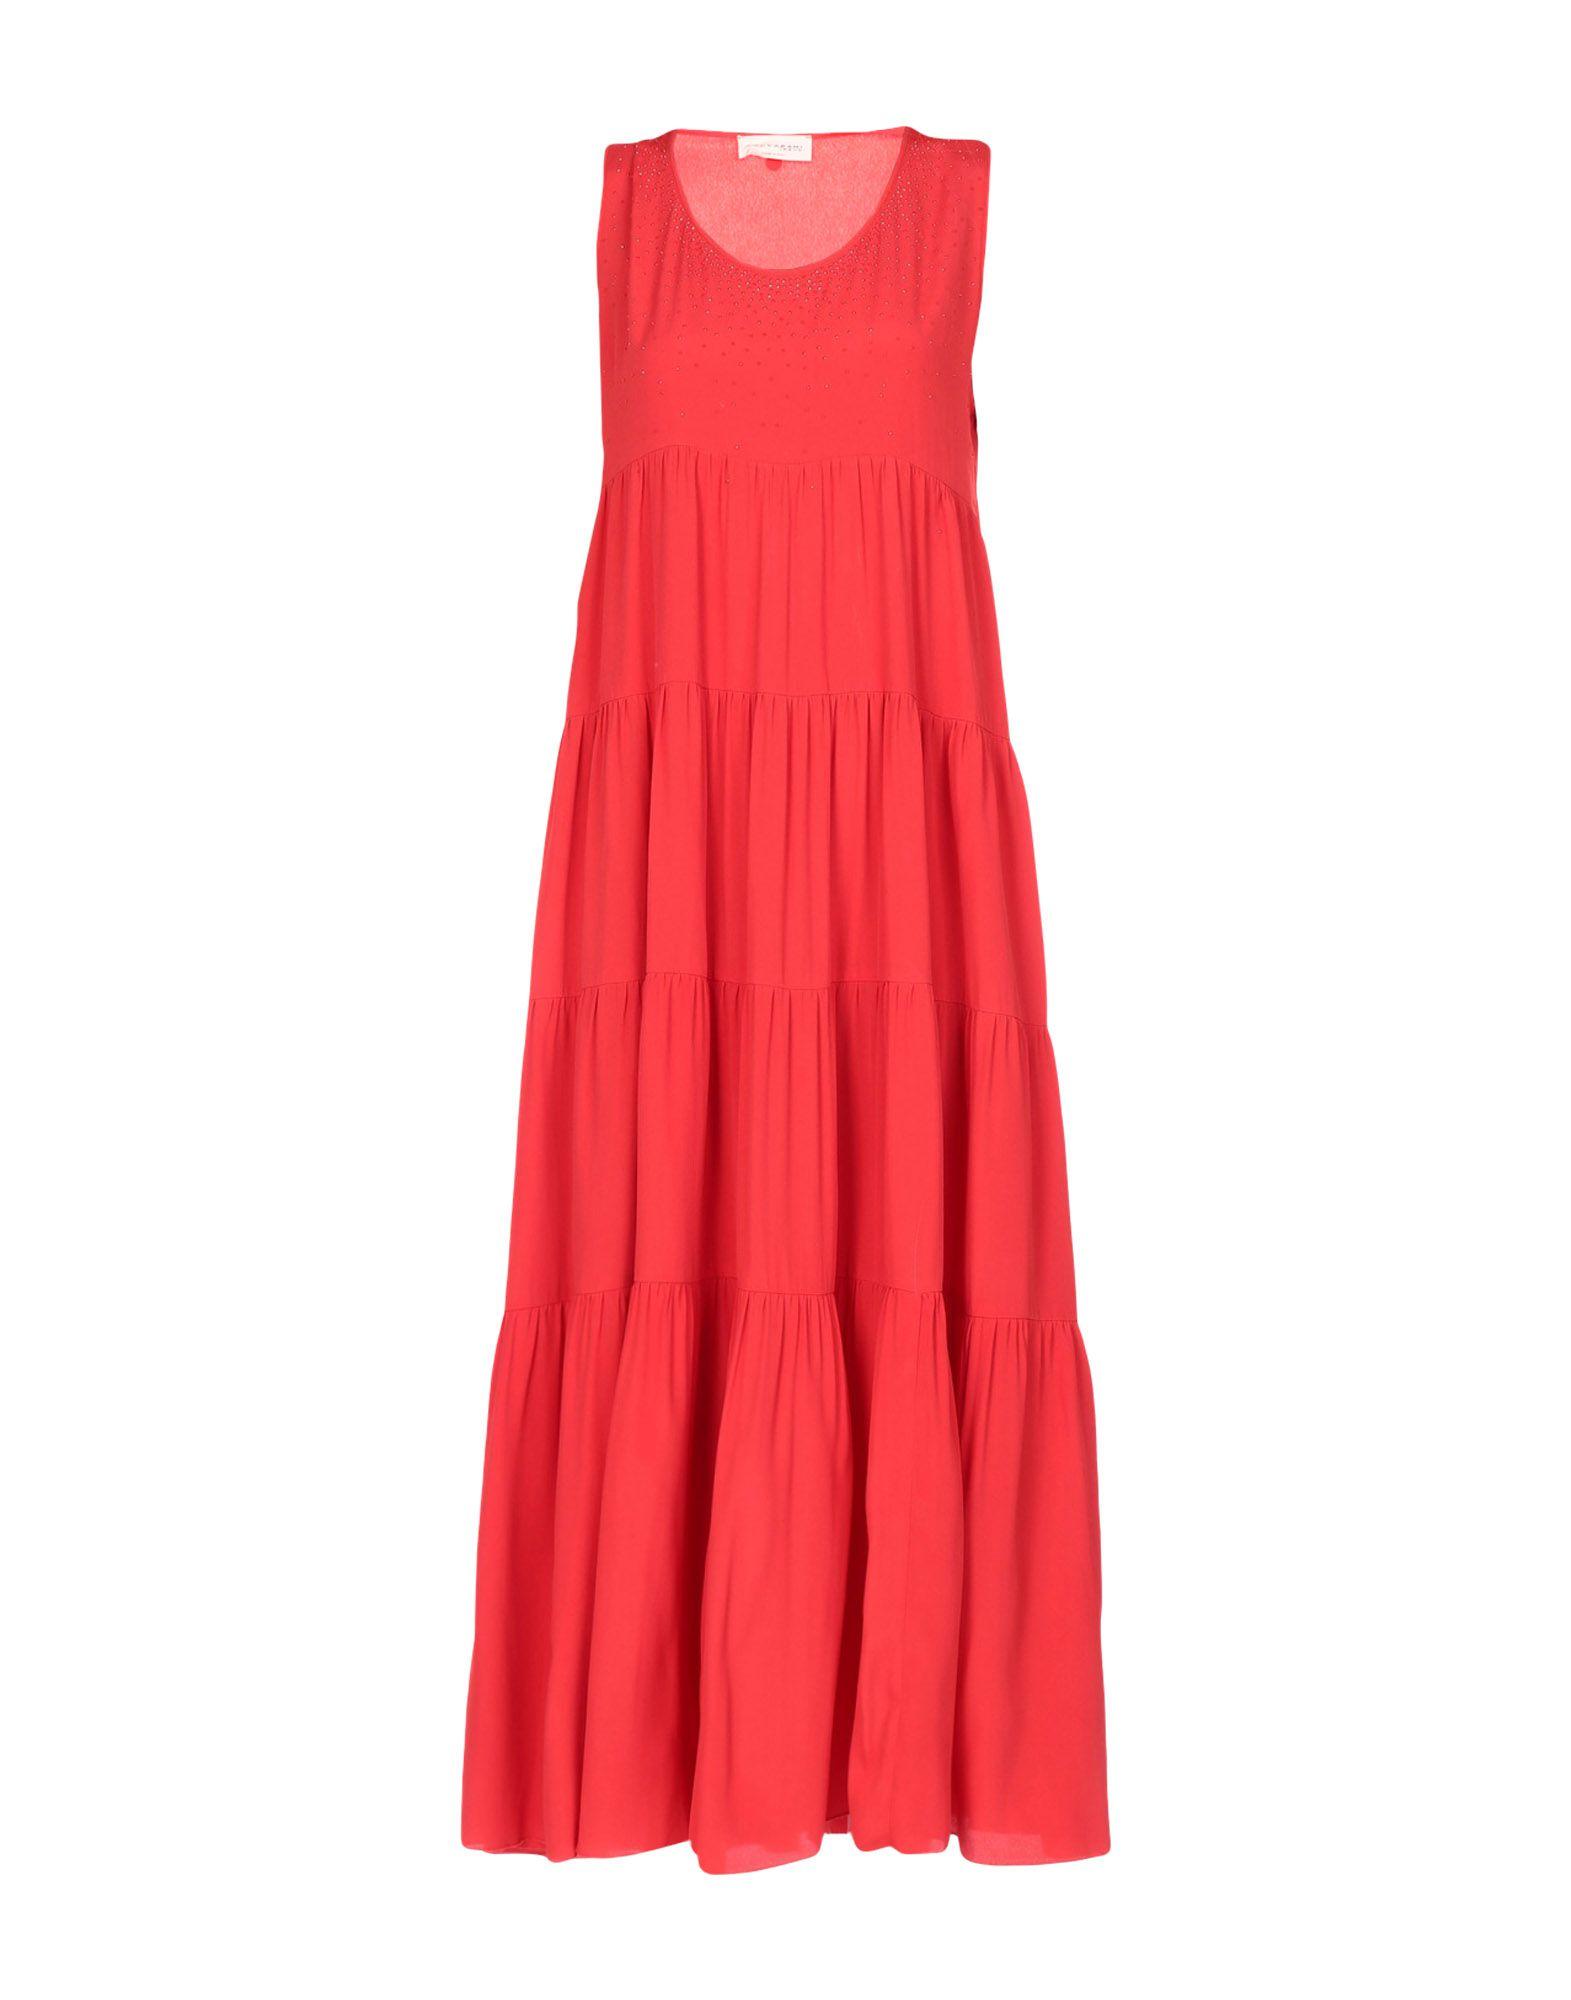 COCCAPANI TREND Длинное платье coccapani trend юбка до колена